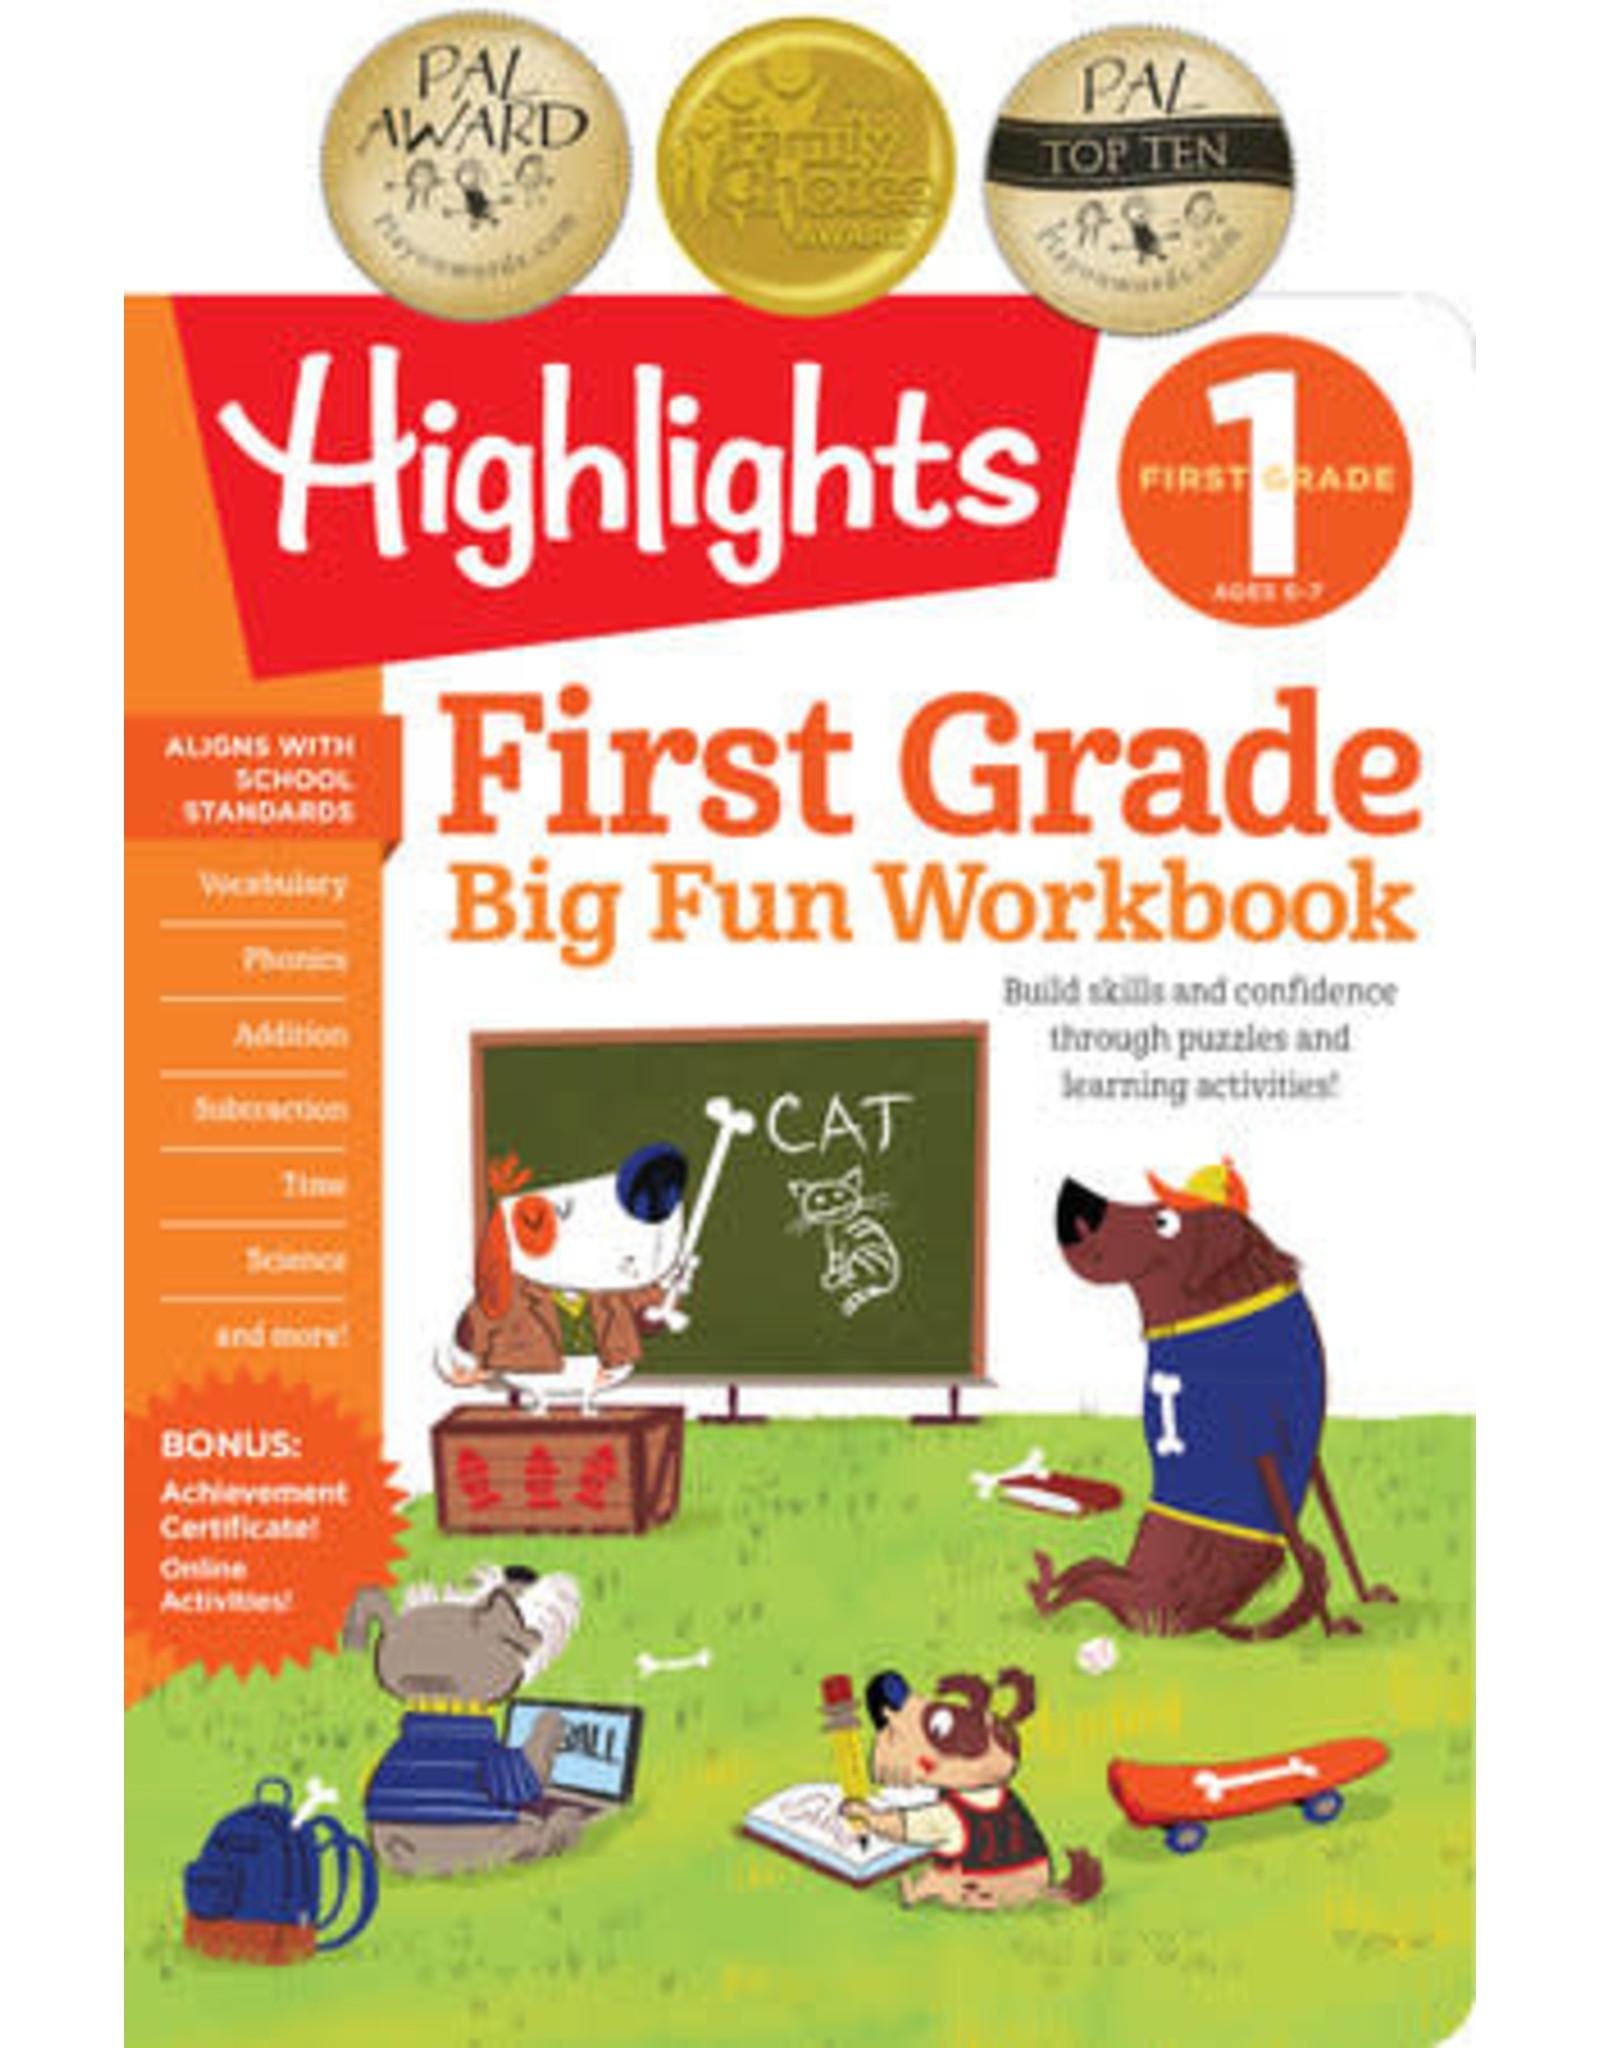 Highlights First Grade Big Fun Workbook